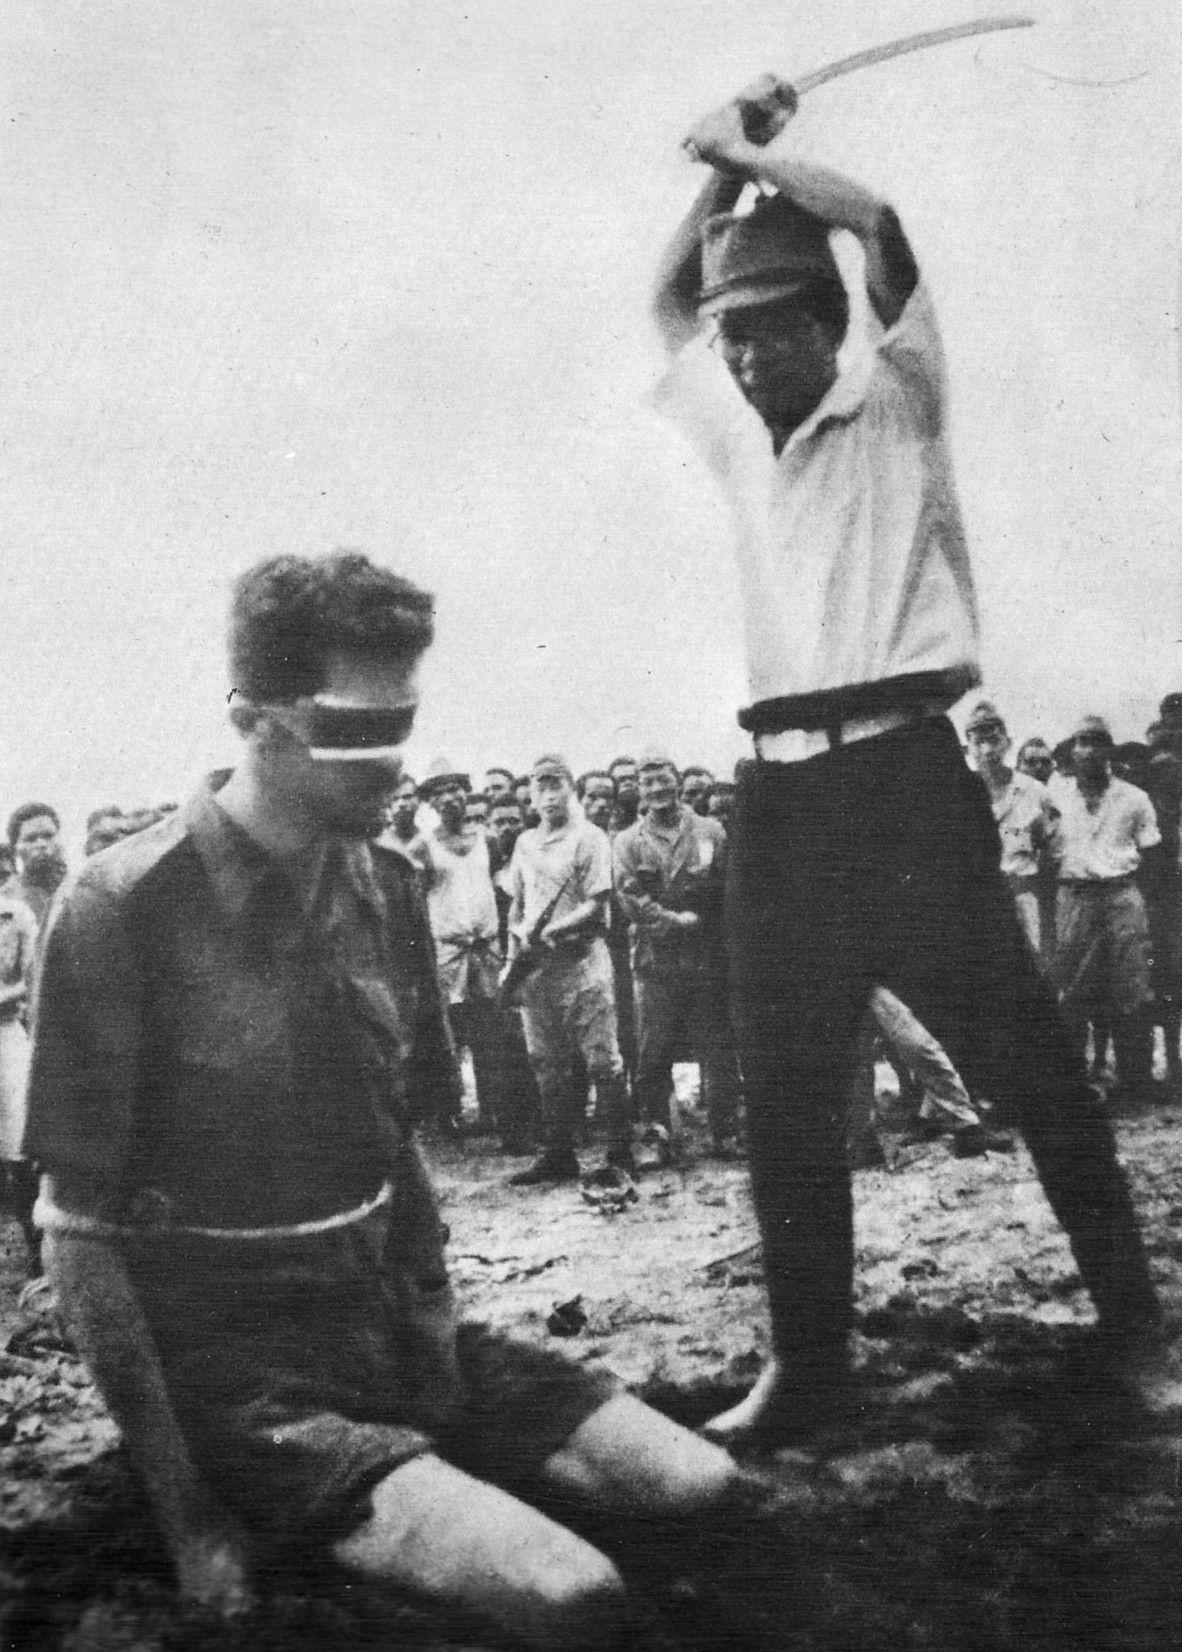 """Zmaltretowane ludzkie """"kłody"""" pozbawiano życia między innymi poprzez ścięcie. Na zdjęciu australijski komandos, sierżant Leonard G. Siffleet, tuż przed śmiertelnym ciosem zadanym przez Japończyka Yasuno Chikao w październiku 1943 roku (źródło: Collection Database of the Australian War Memorial, domena publiczna)."""